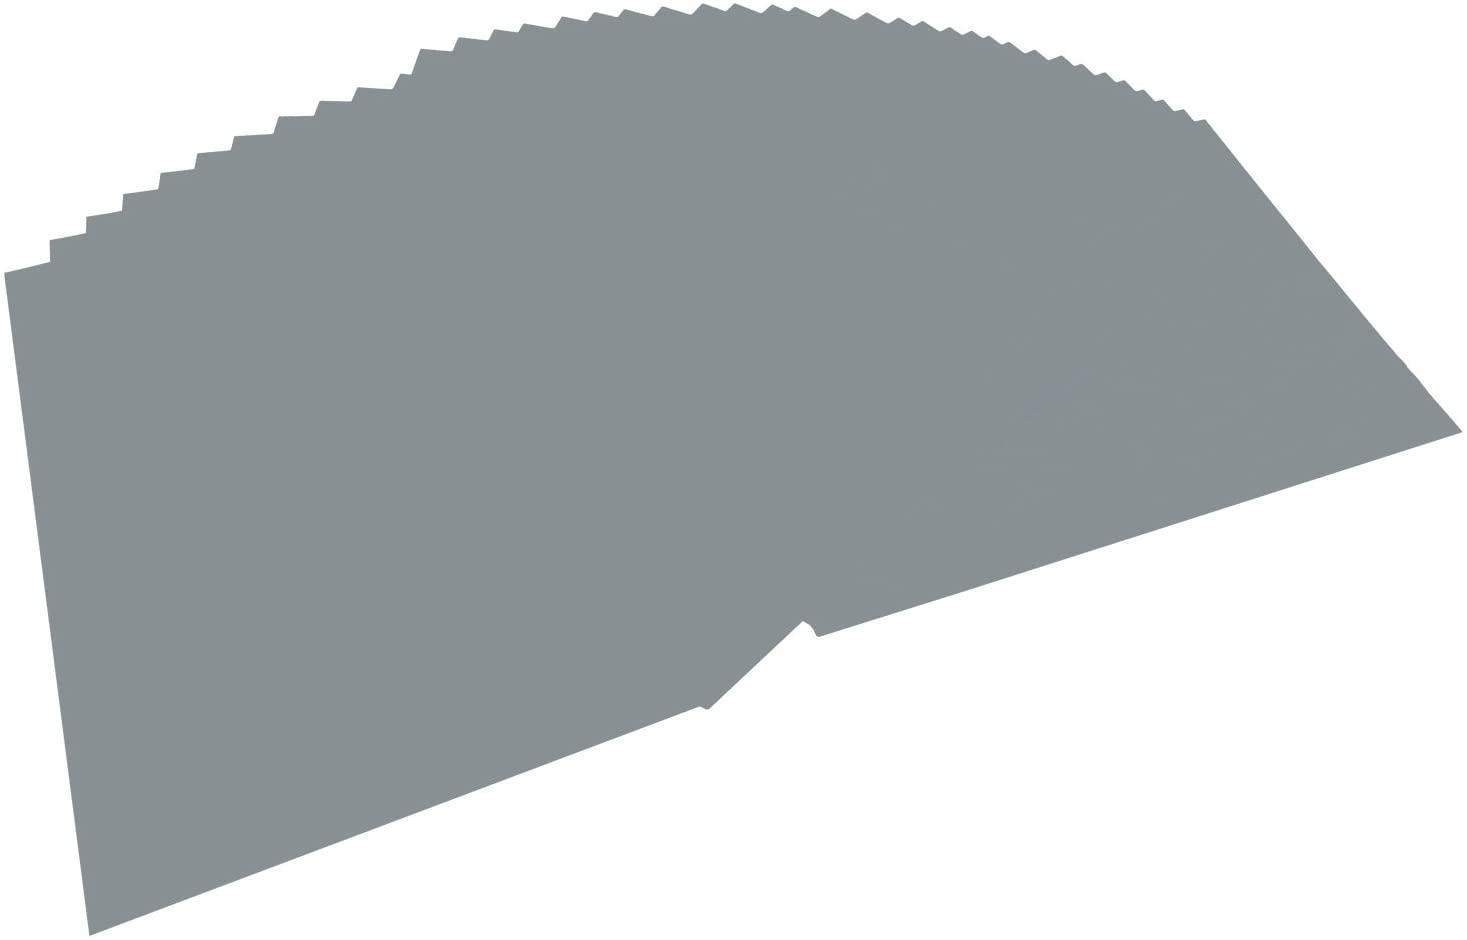 folia 6484 - Tonpapier steingrau, DIN A4, 130 g/qm, 100 Blatt - zum Basteln und kreativen Gestalten